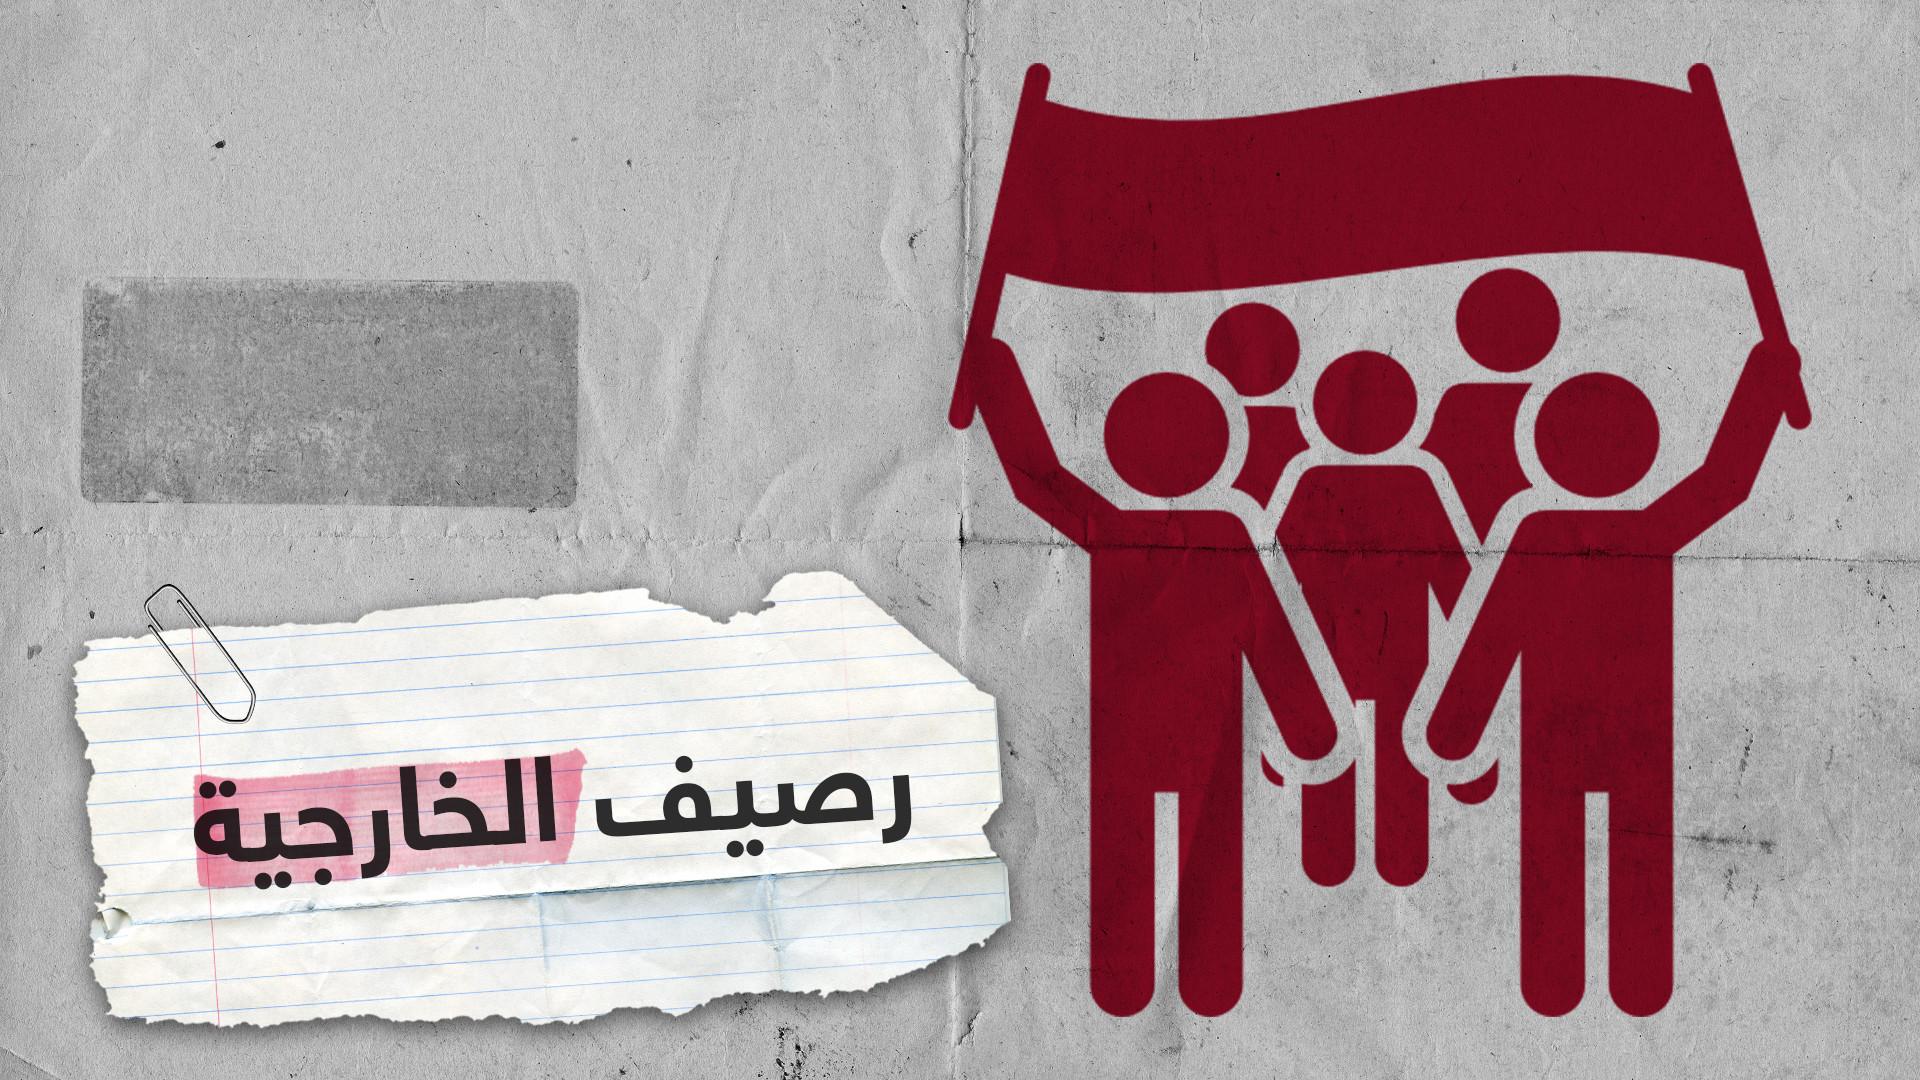 خريجو العلوم السياسية معتصمون أمام الخارجية العراقية.. لماذا؟